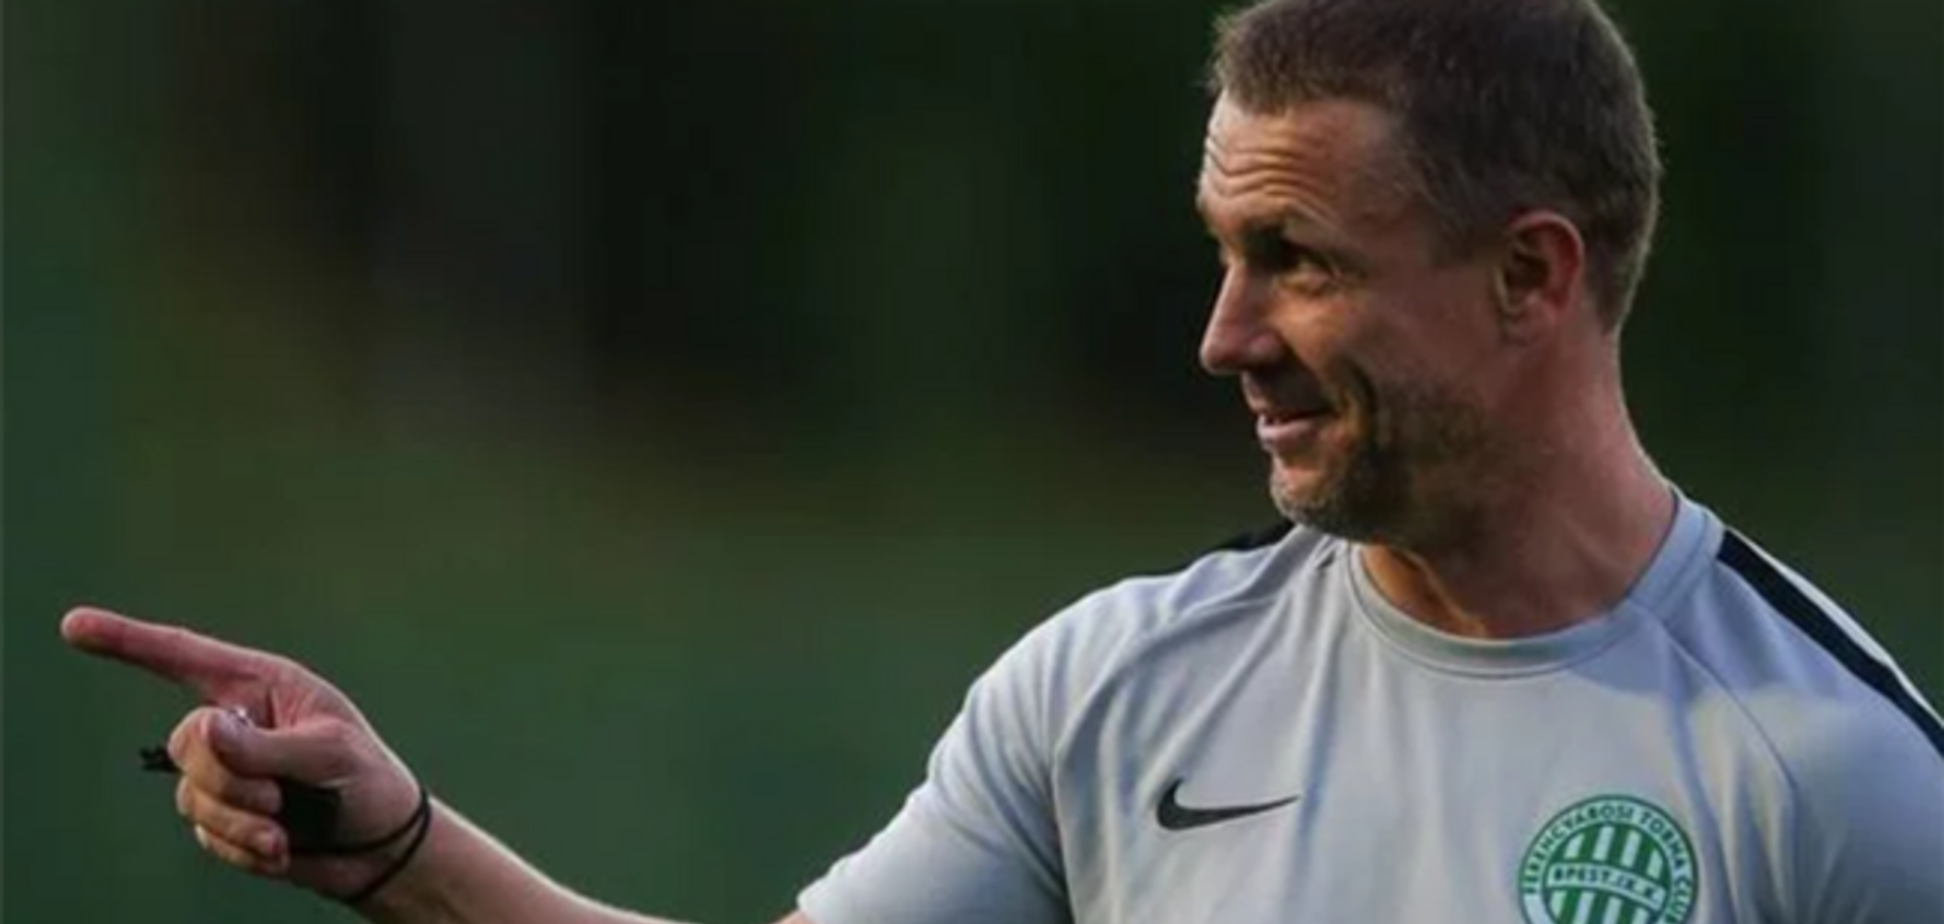 Ребров підписав контракт із новим клубом – ЗМІ